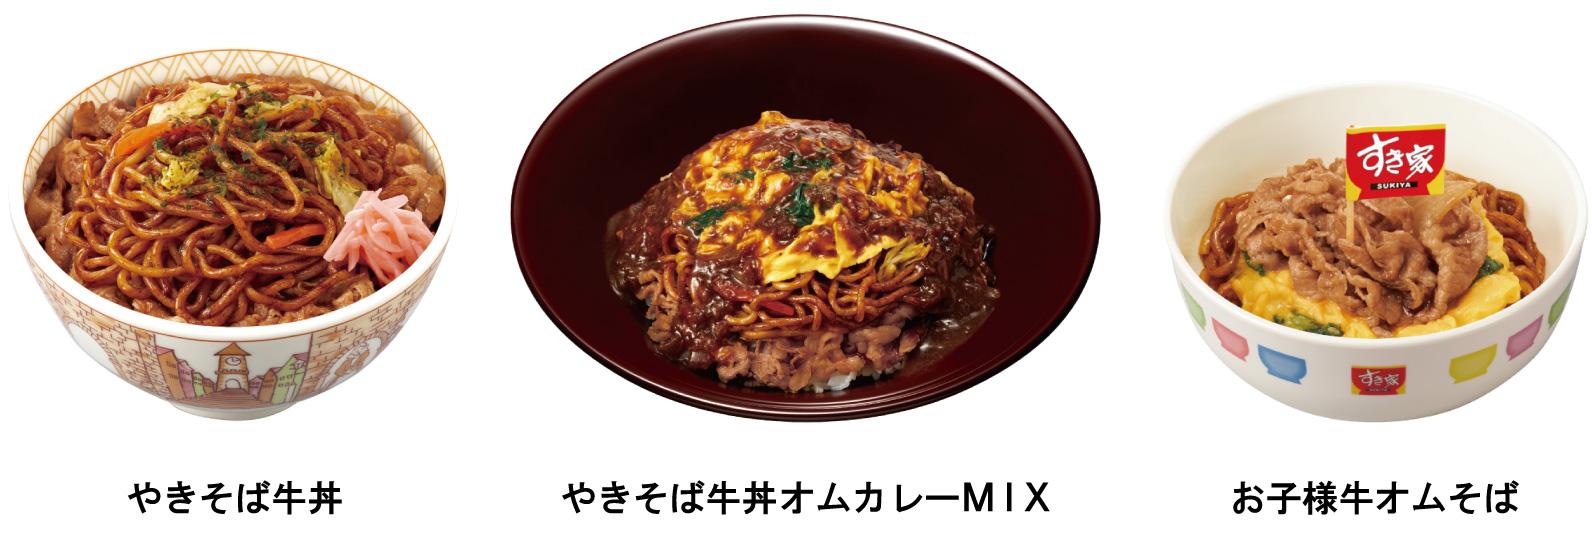 photo_20210331_yakisoba3syu.jpg